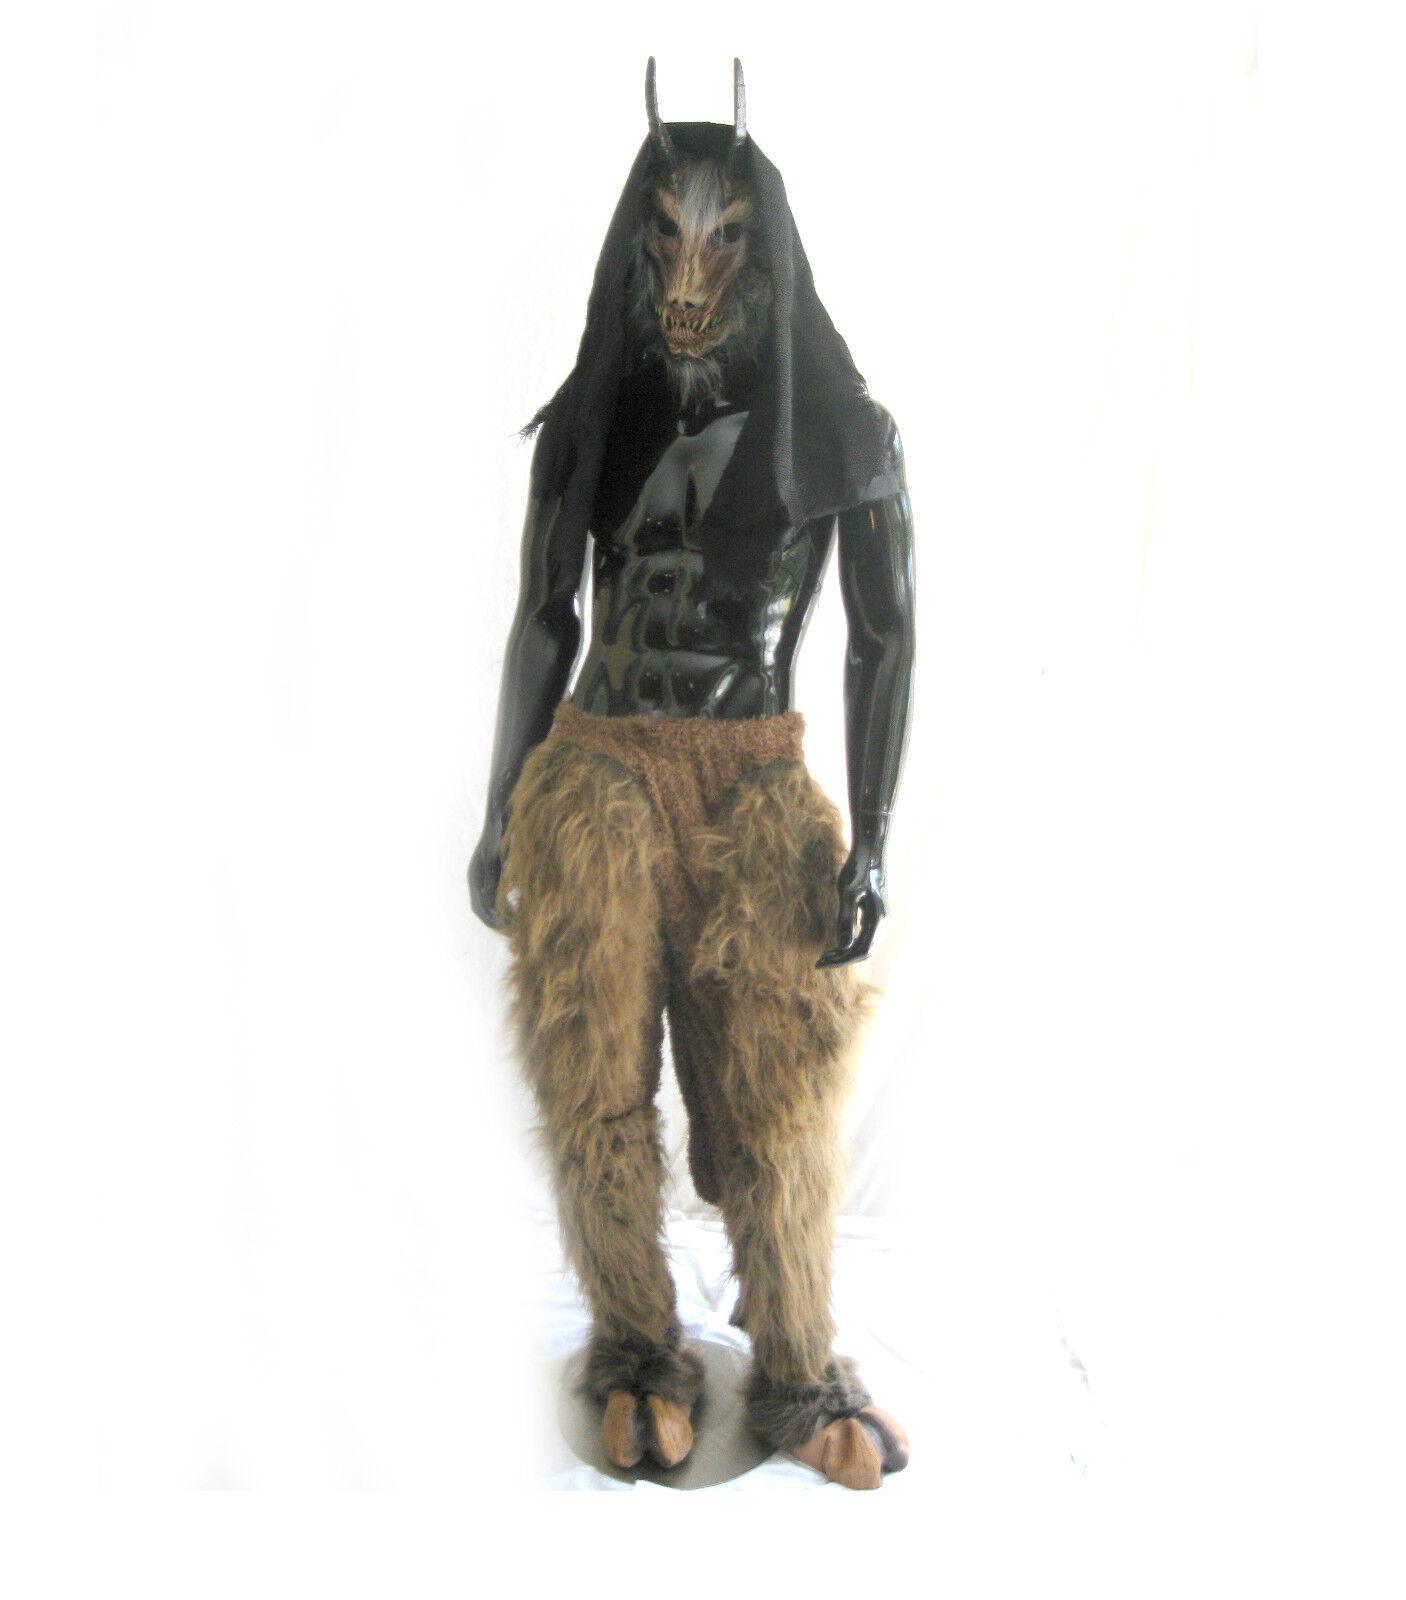 Chèvre Diable de Hell à Cornes & Capuche Adulte Latex Masque Halloween & Poilue